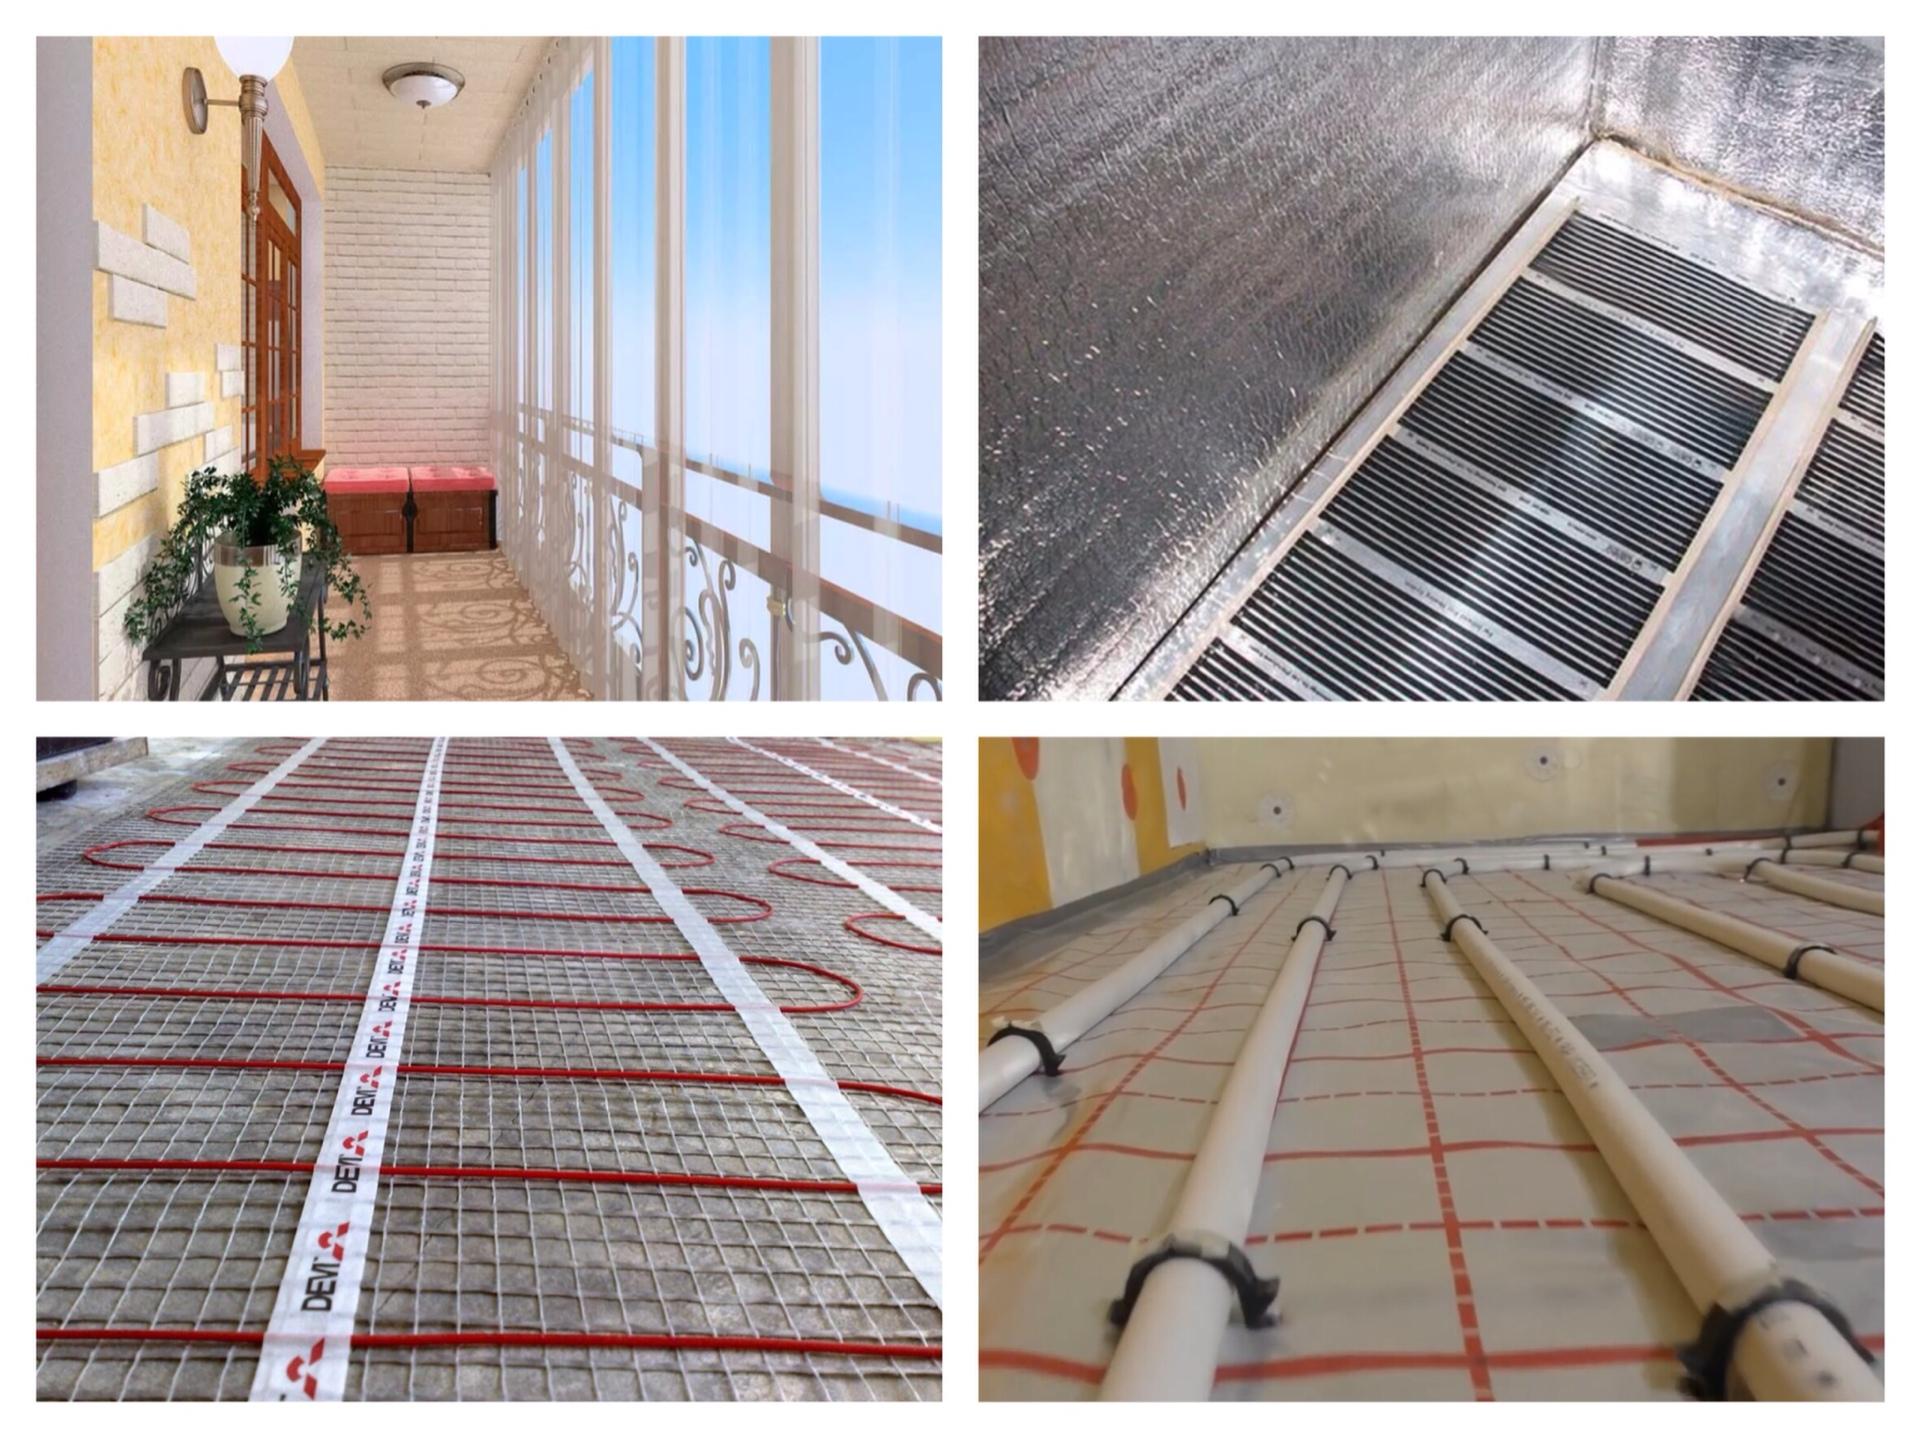 Теплый пол на лоджии своими руками: под ламинат, под плитку, как сделать на балконе с подогревом, какой лучше, водяной или электрический, нужен ли, укладка на фото и видео